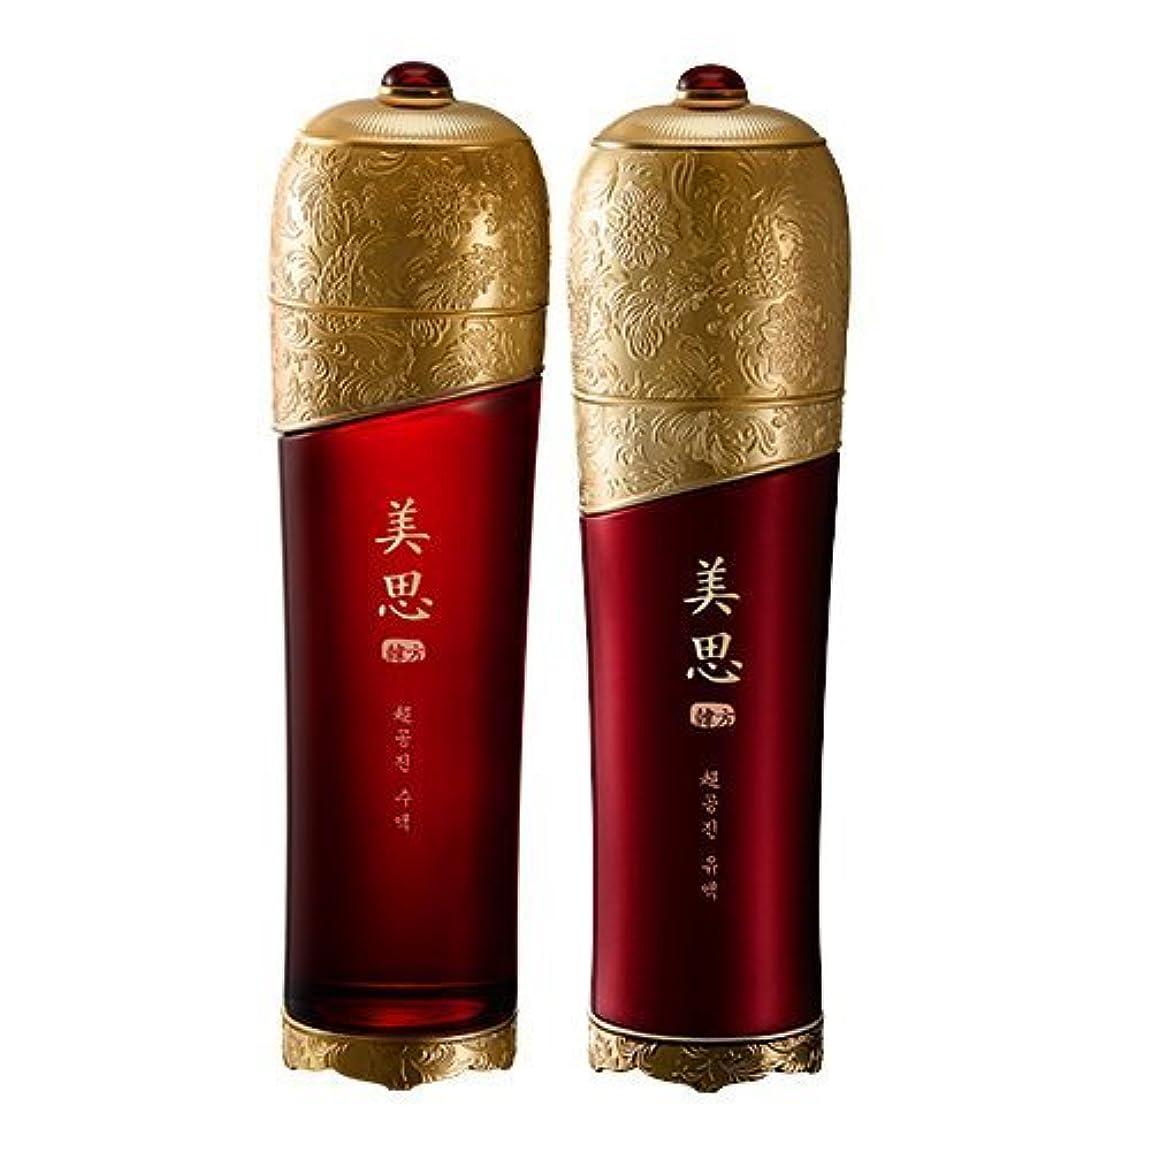 金属選ぶ演じるMISSHA(ミシャ) 美思 韓方 チョゴンジン 基礎化粧品 スキンケア 化粧水+乳液=お得2種Set